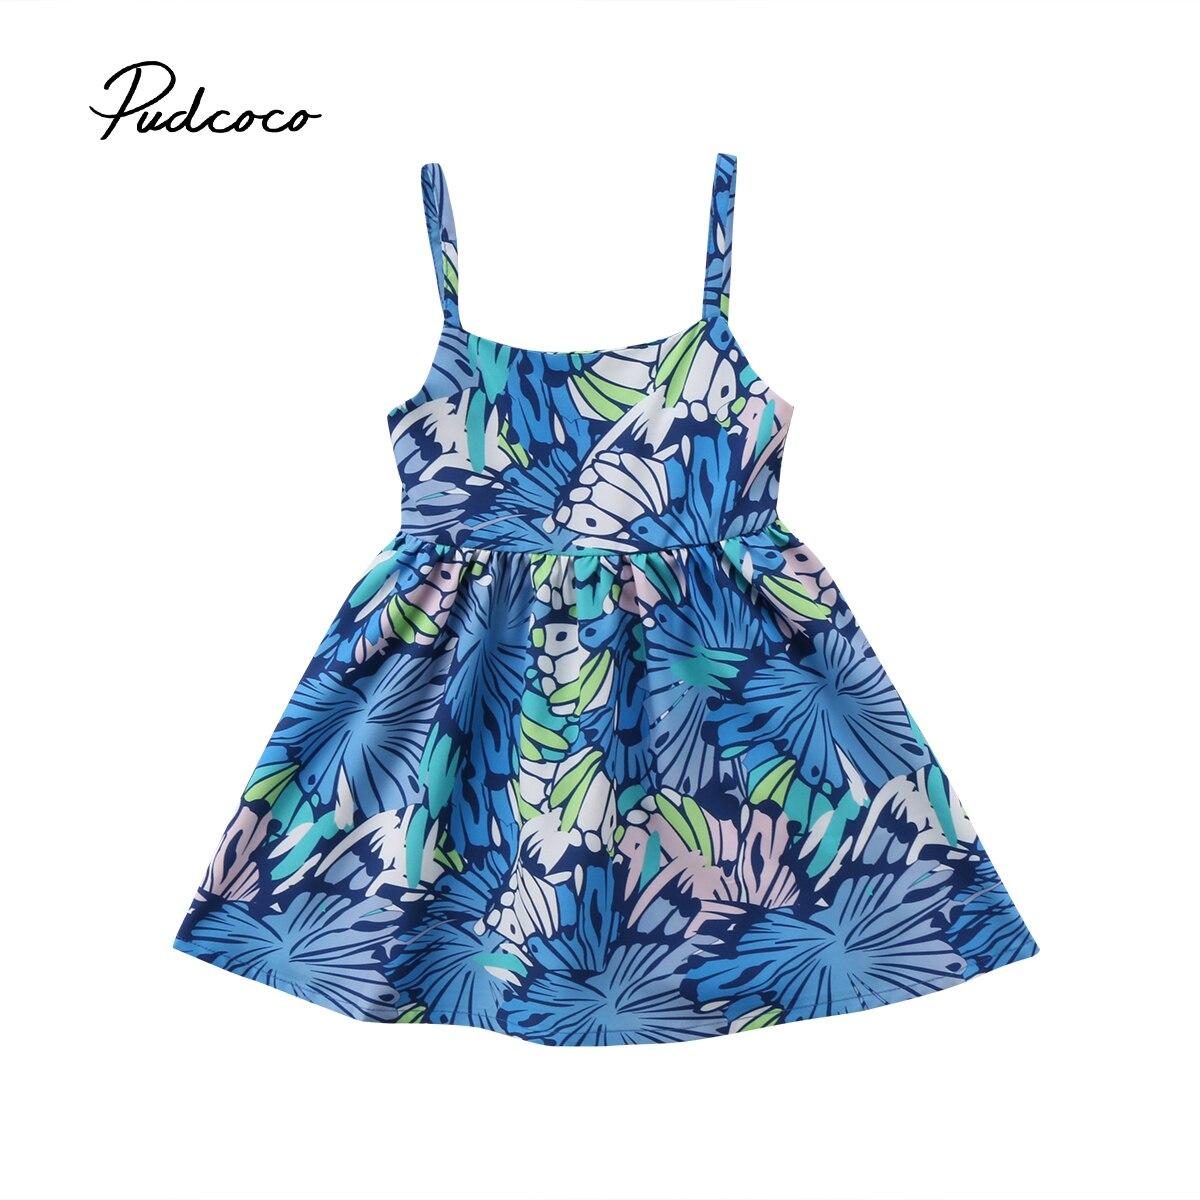 Без рукавов Платье принцессы для маленьких девочек ремень туника цветочный Платья для вечеринок сарафан Одежда наряды